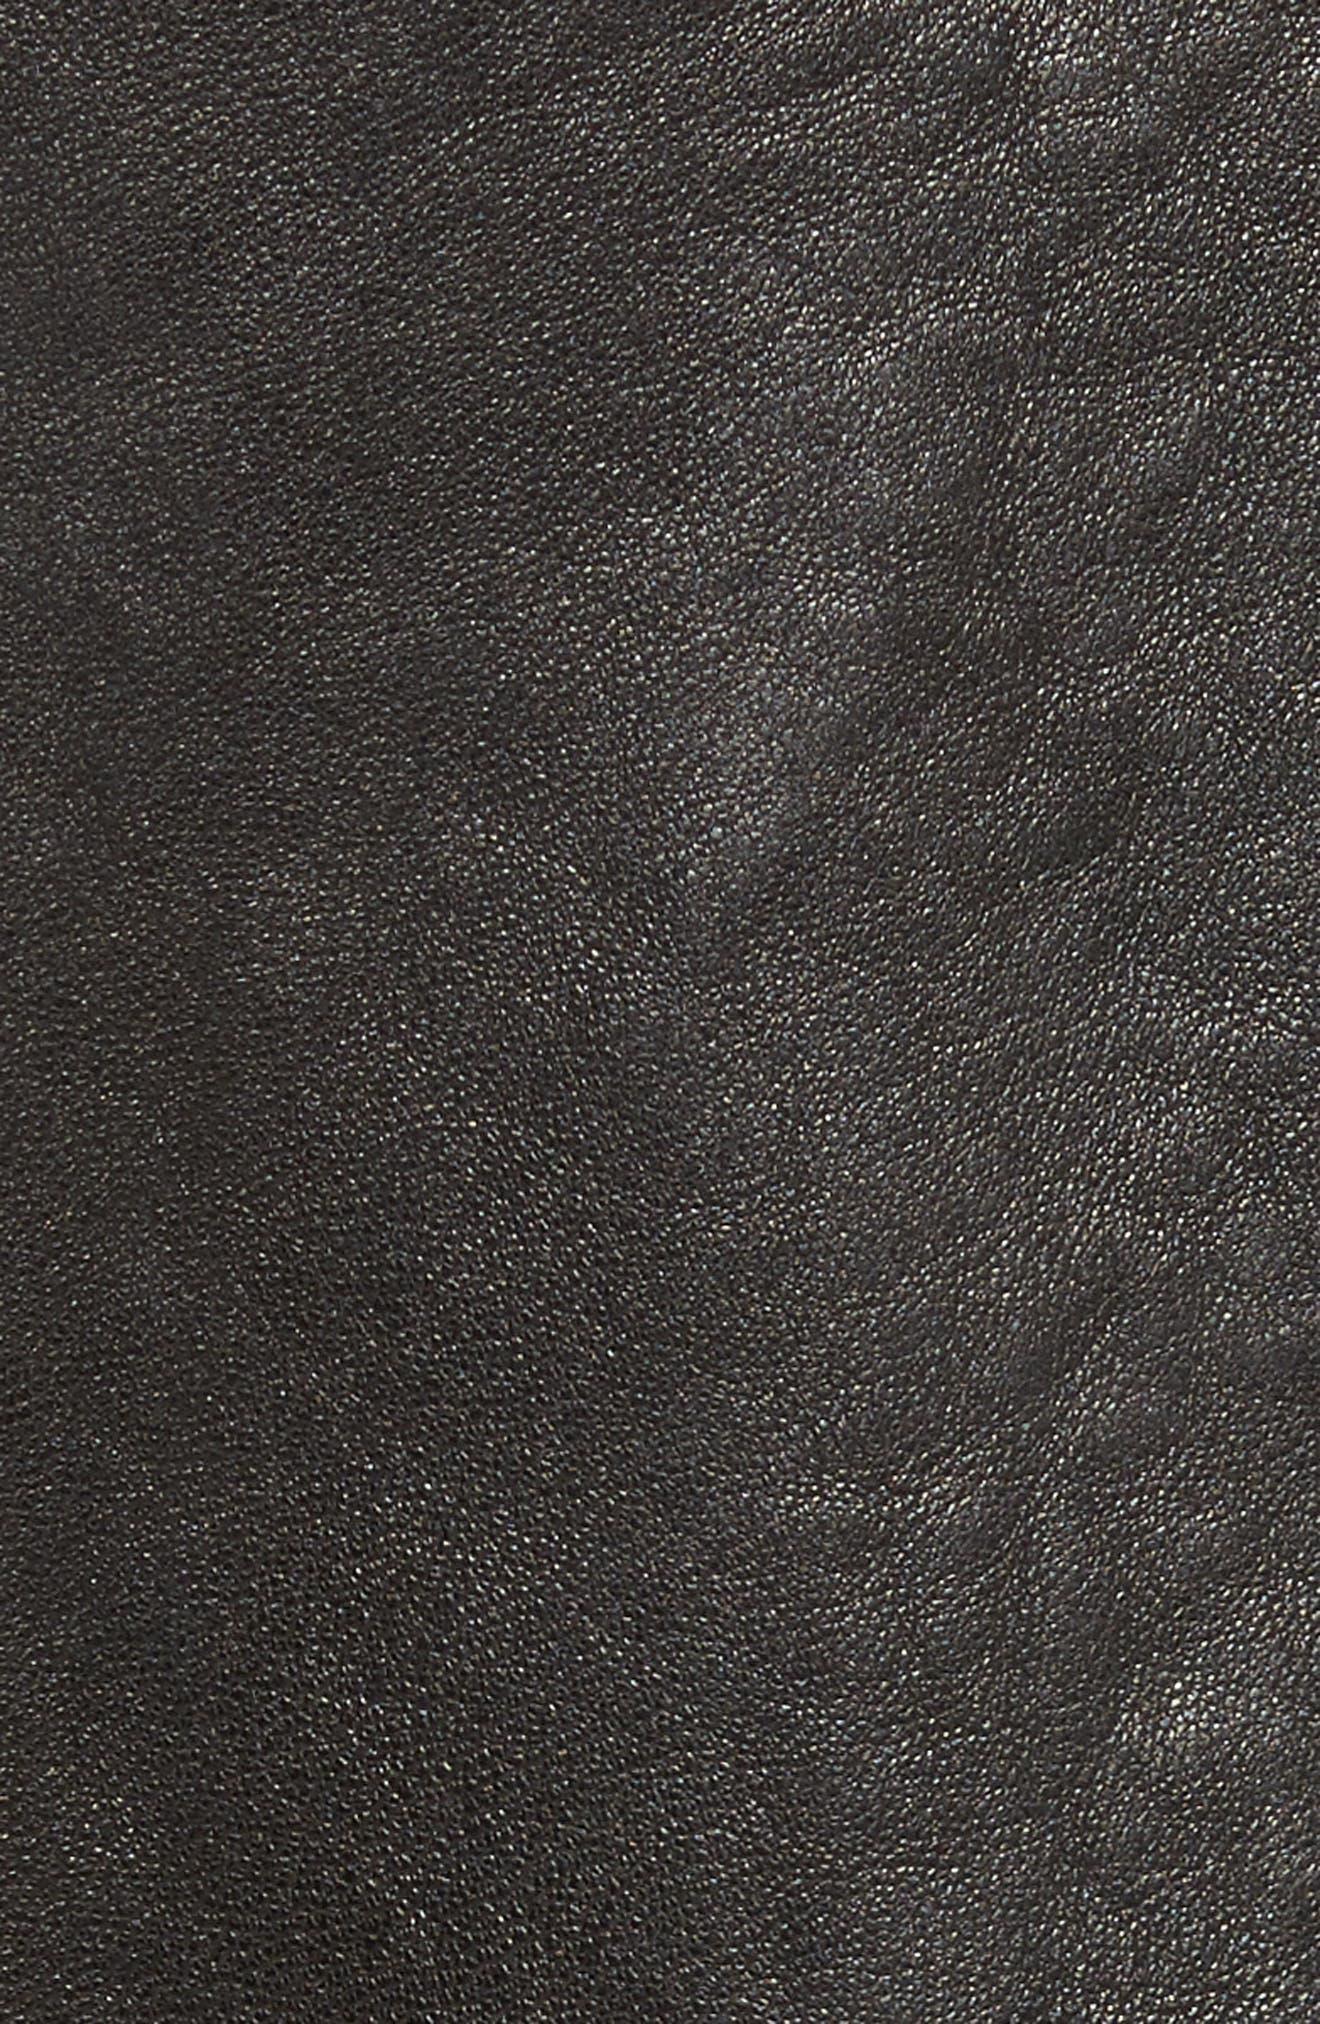 Alternate Image 5  - FRAME Paneled Leather & Suede Jacket